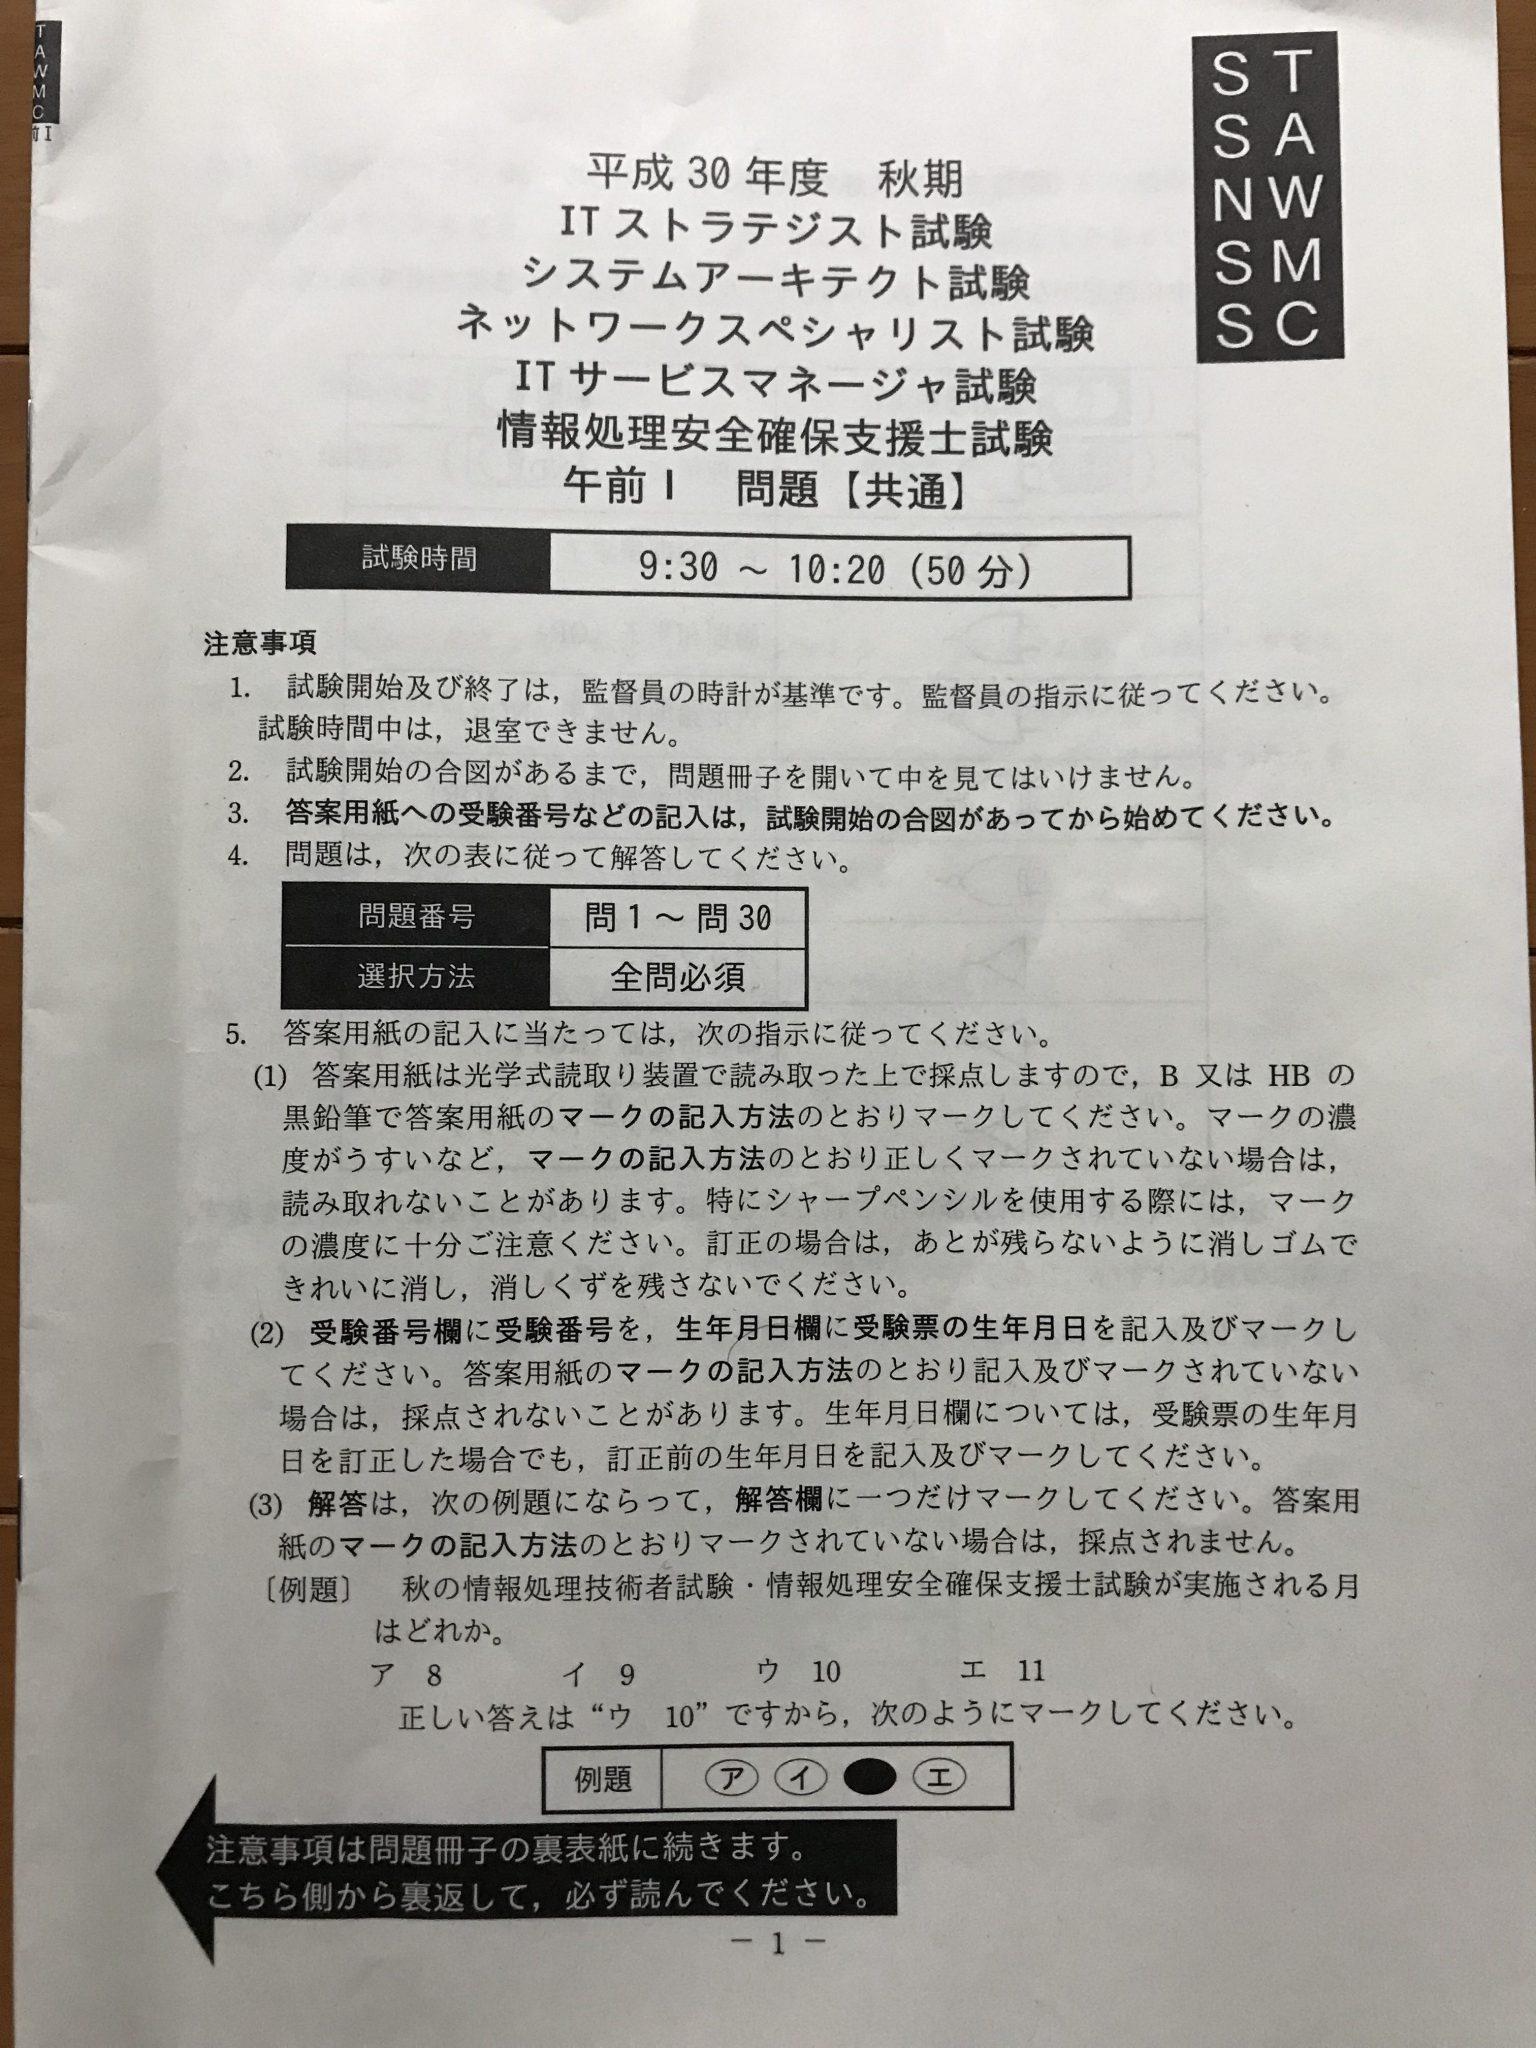 高度情報処理技術者試験午前1(共通)受験してきました